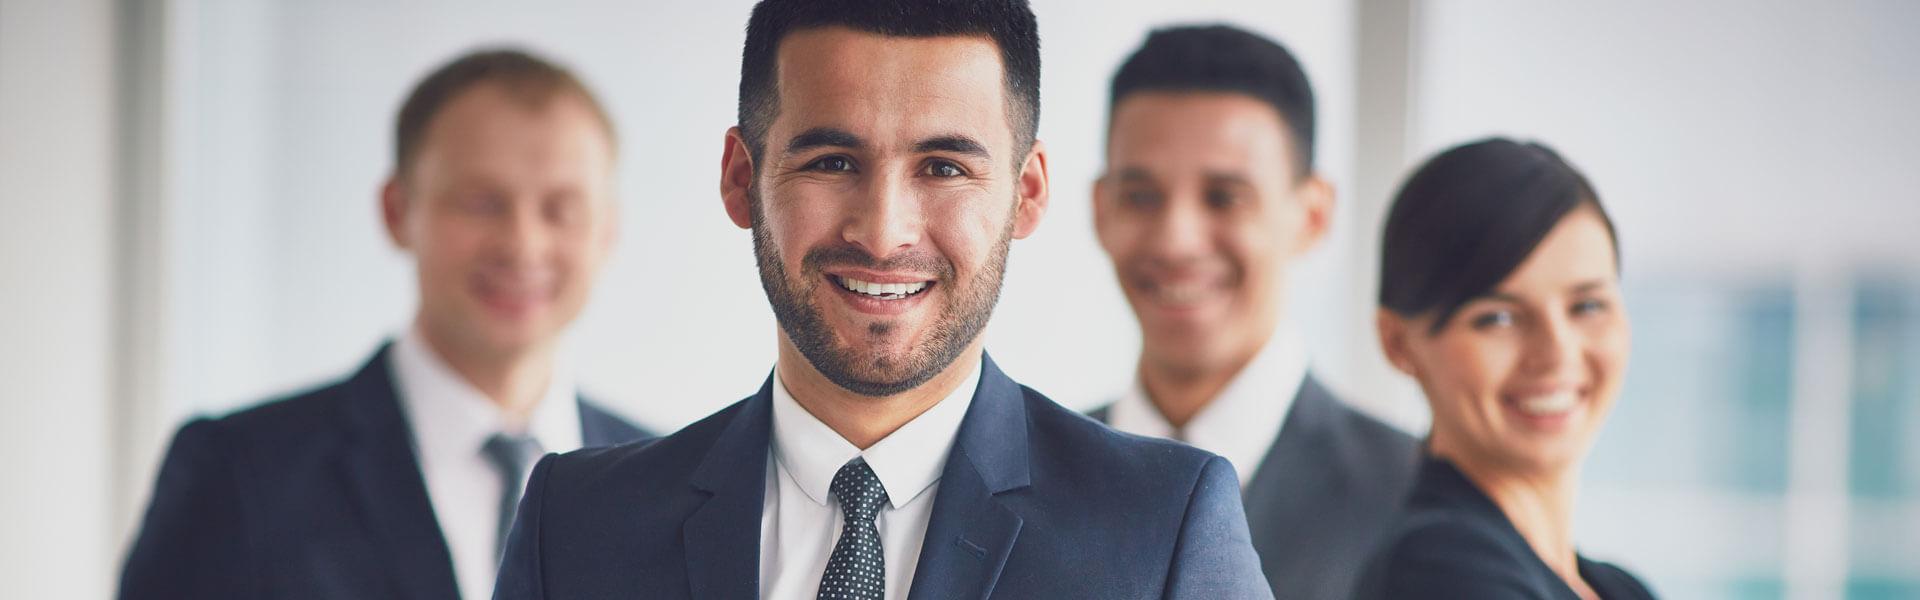 Seguros de Vida colectivos para empresas y colegios profesionales